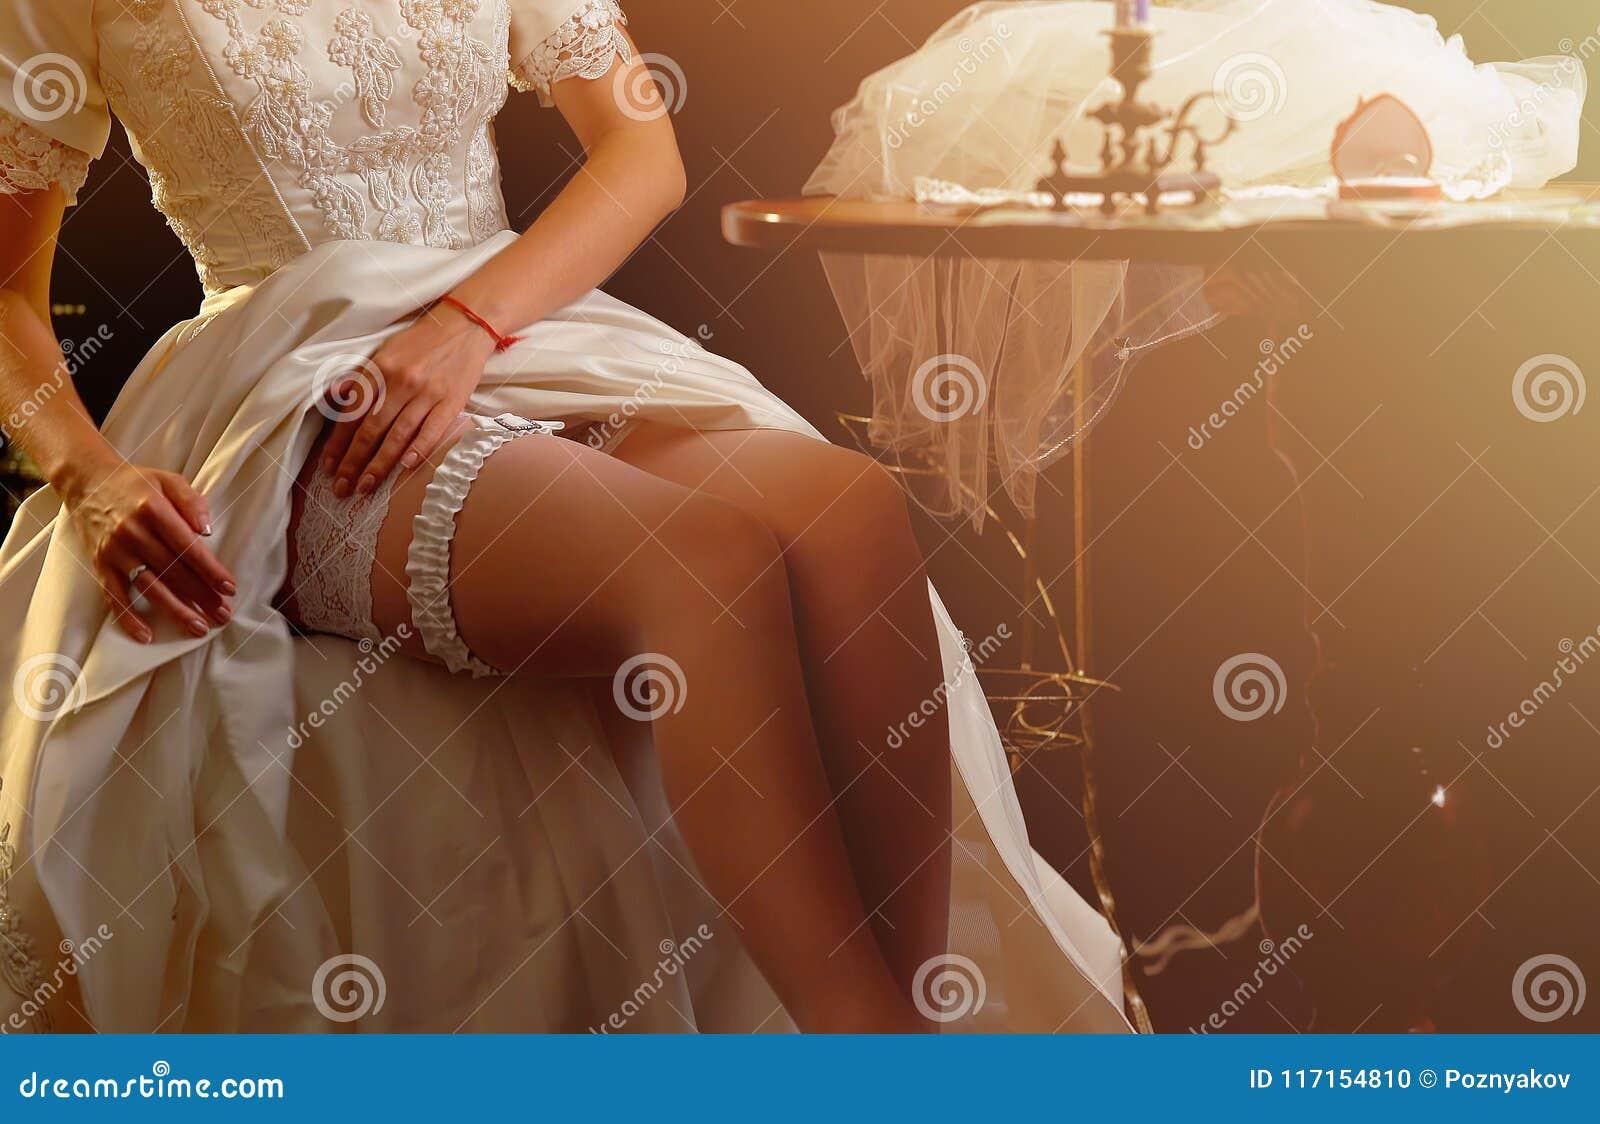 фото подруги готовят невесту к брачной ночи